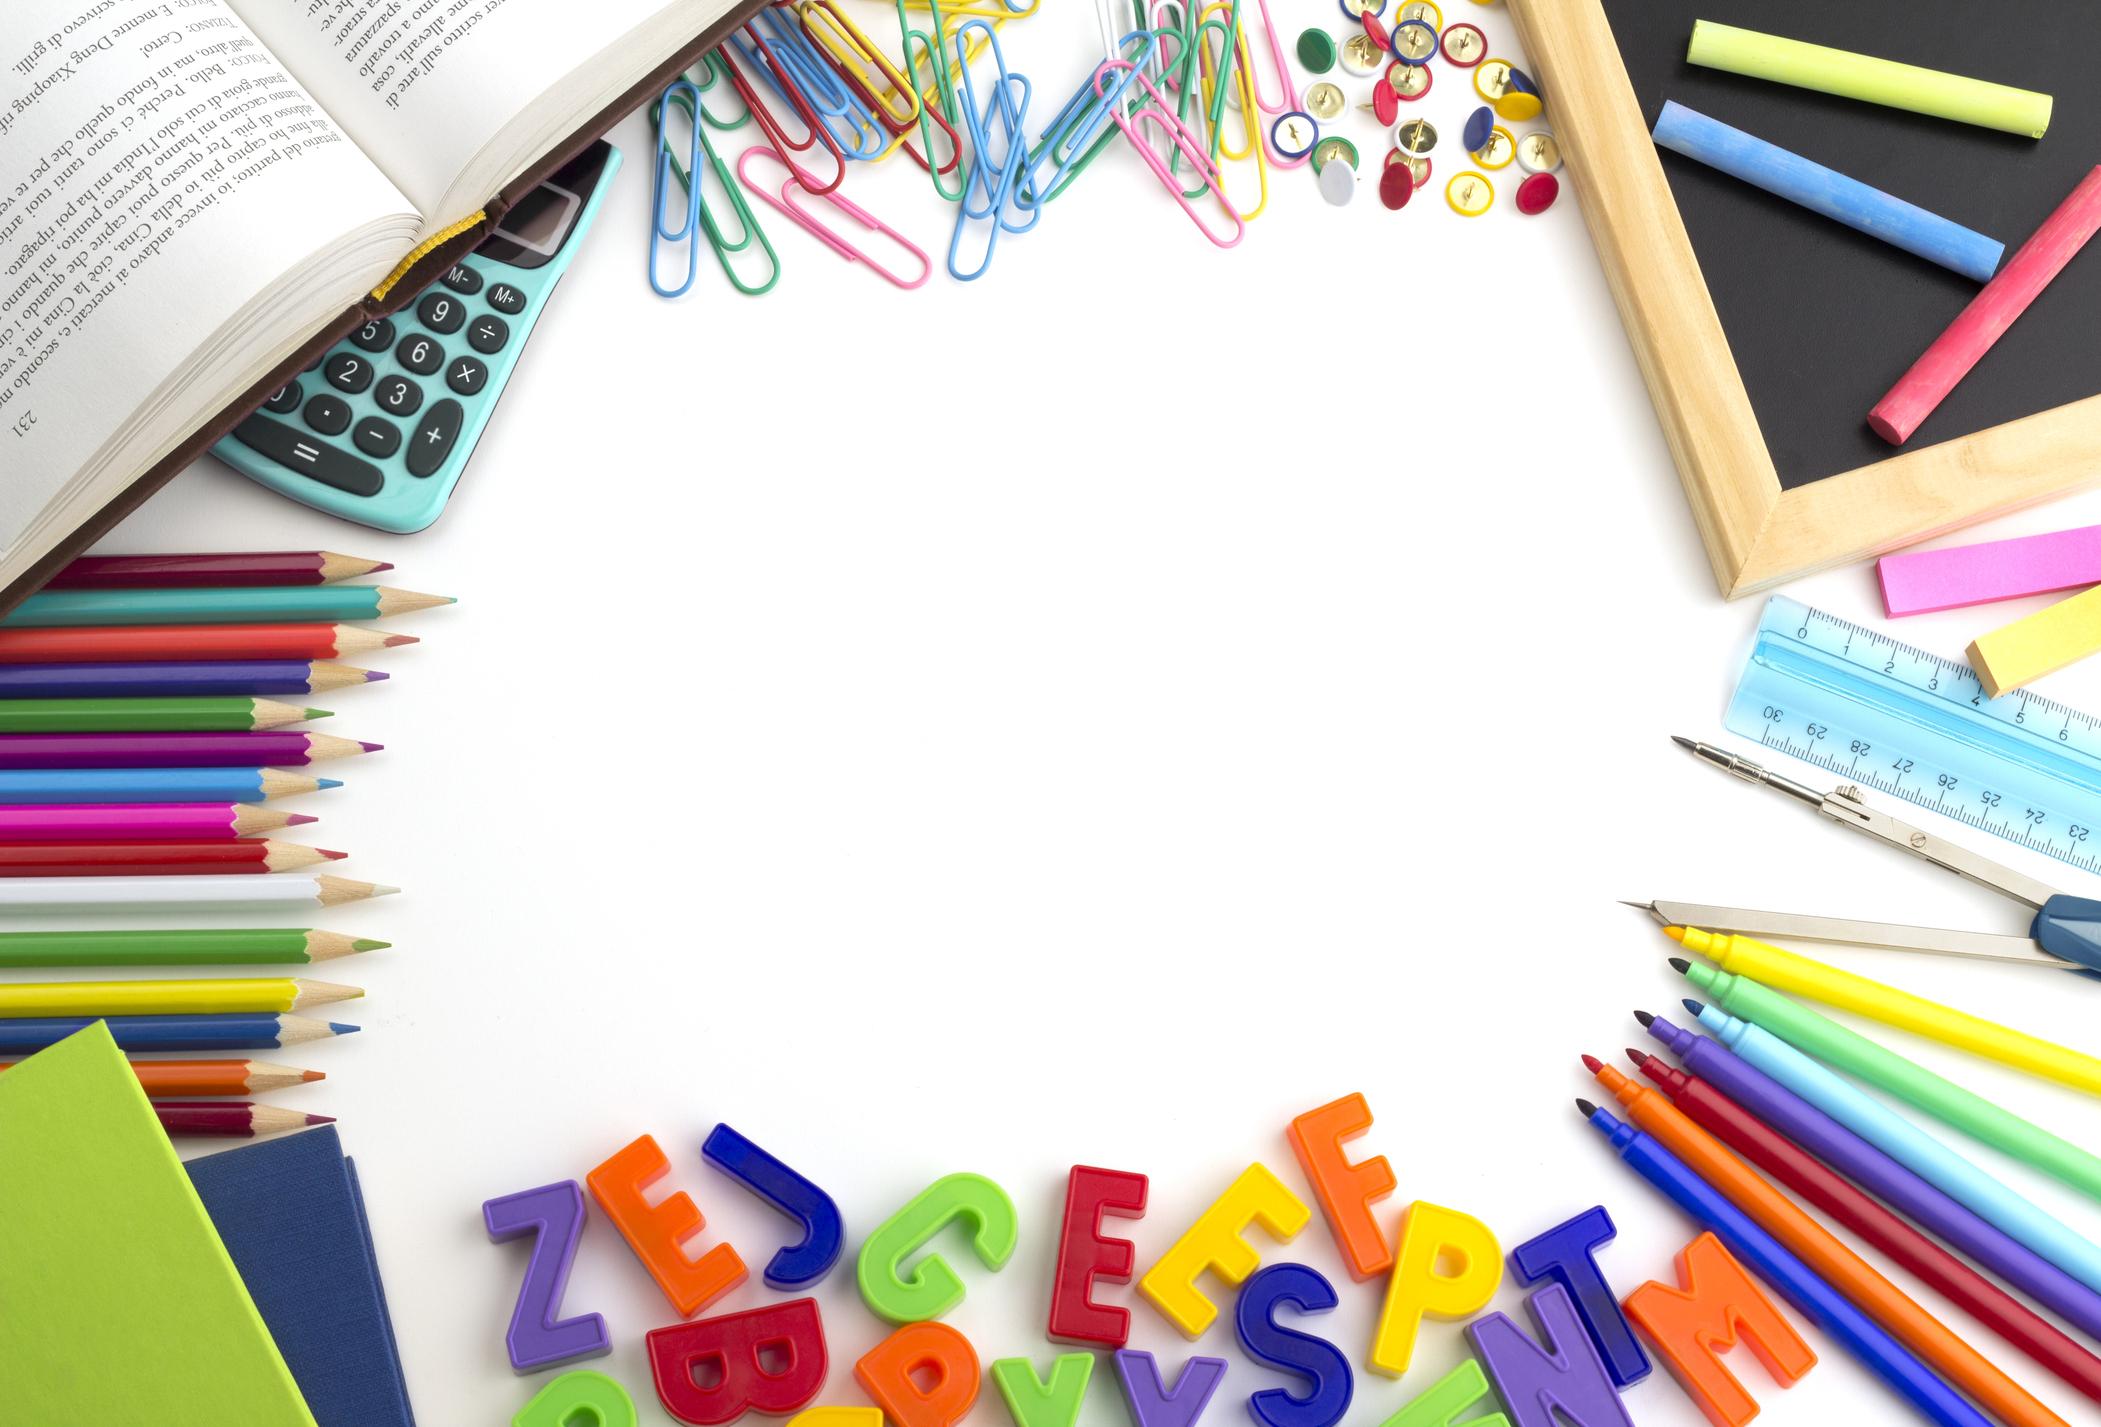 LISTA DE VERIFICACIÓN DE SUMINISTROS 2018-2019  - Todo lo que necesitas para un fantástico año escolar :)